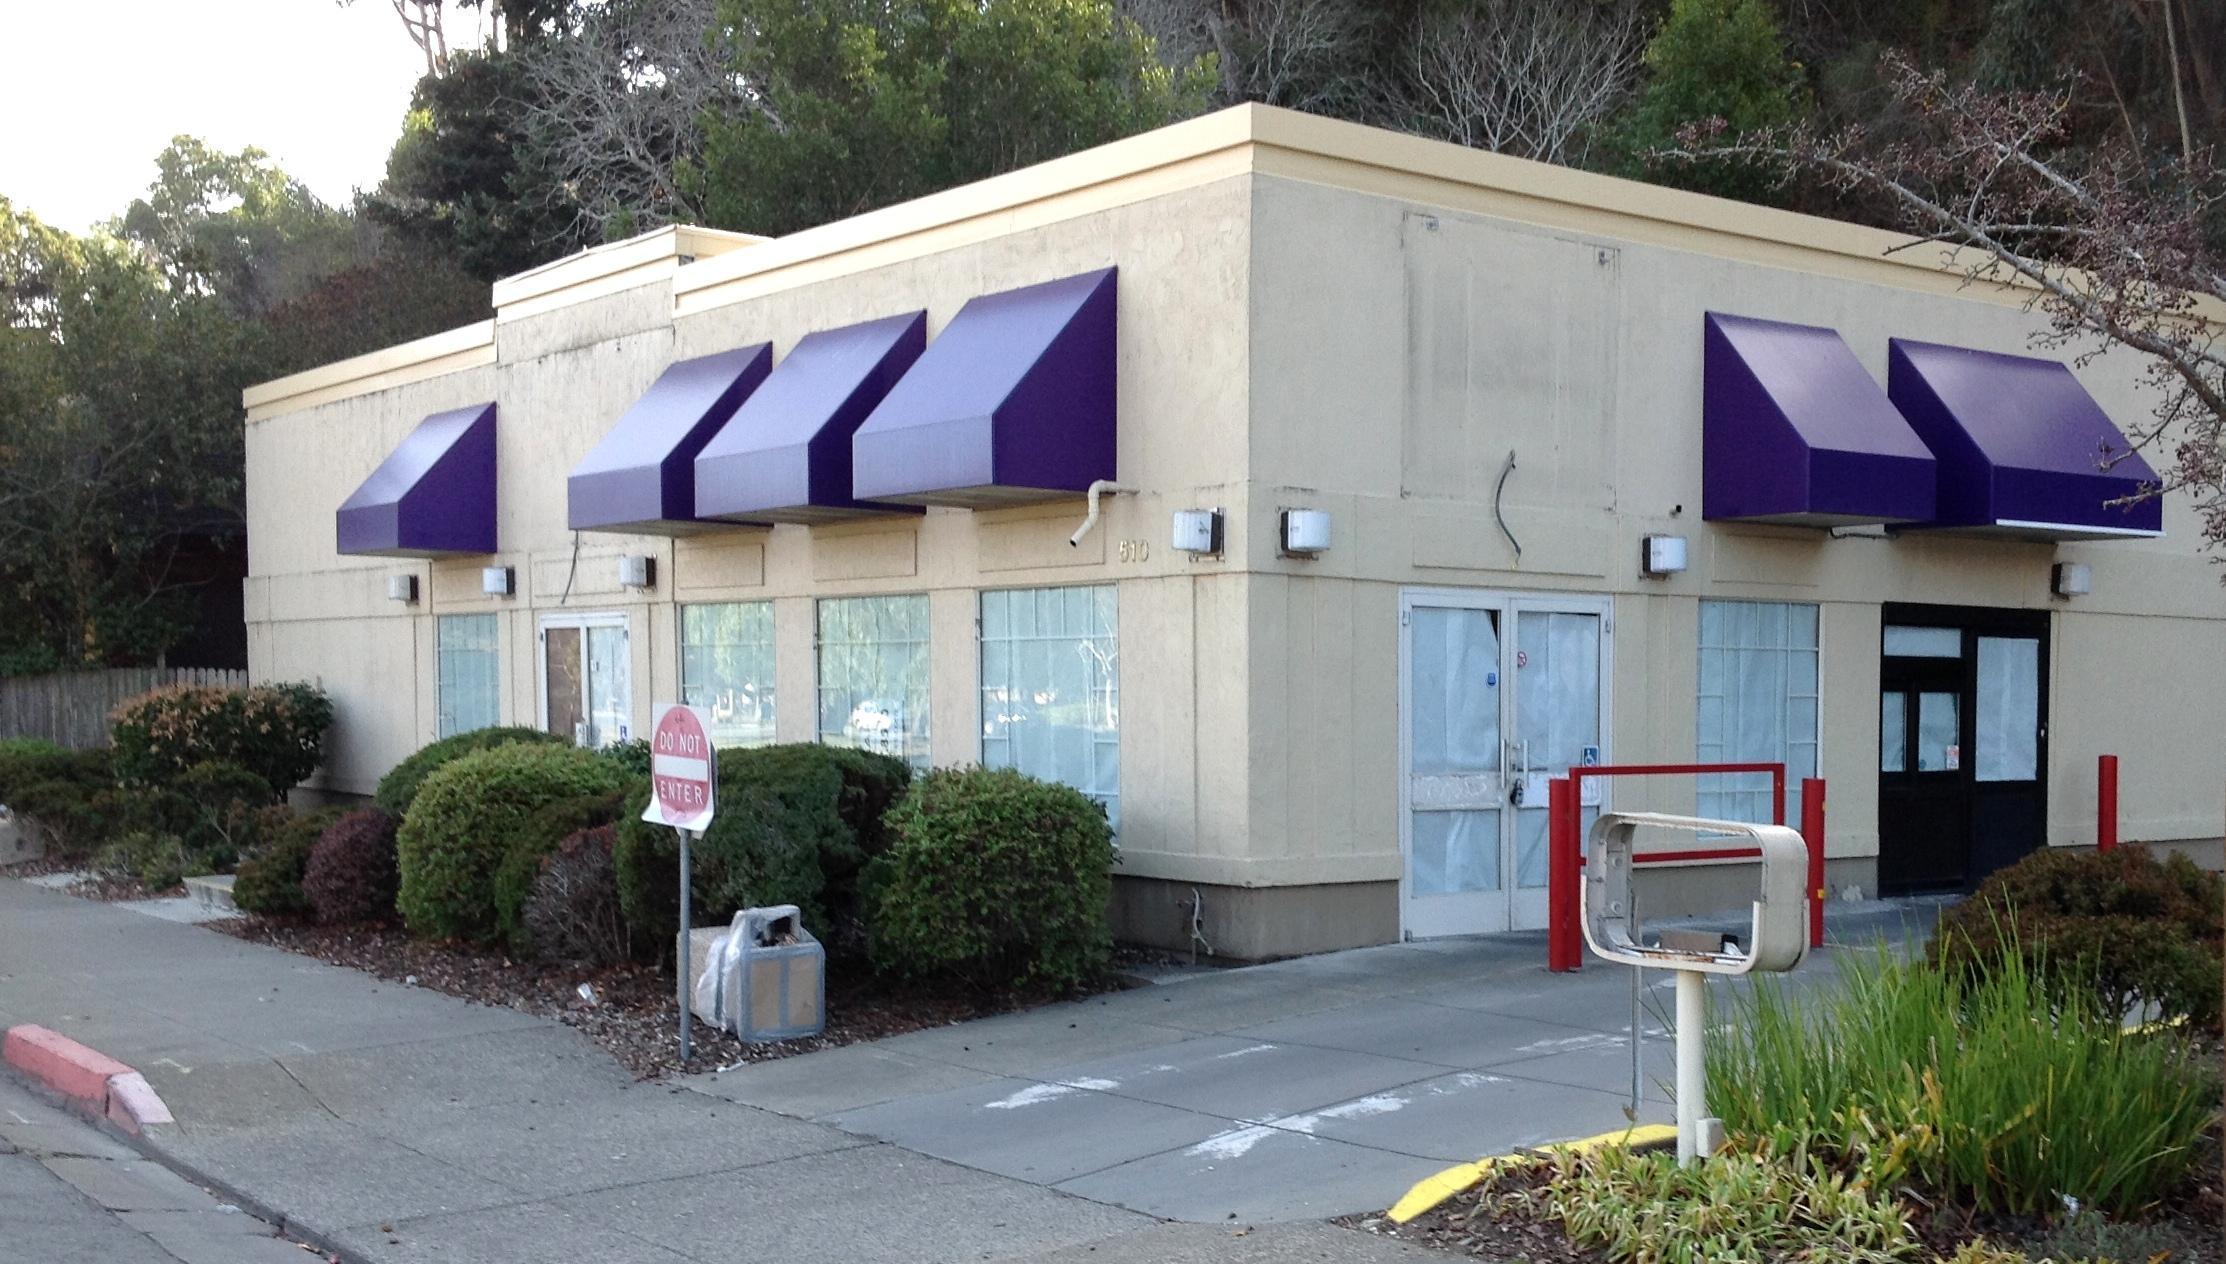 KFC now abandoned